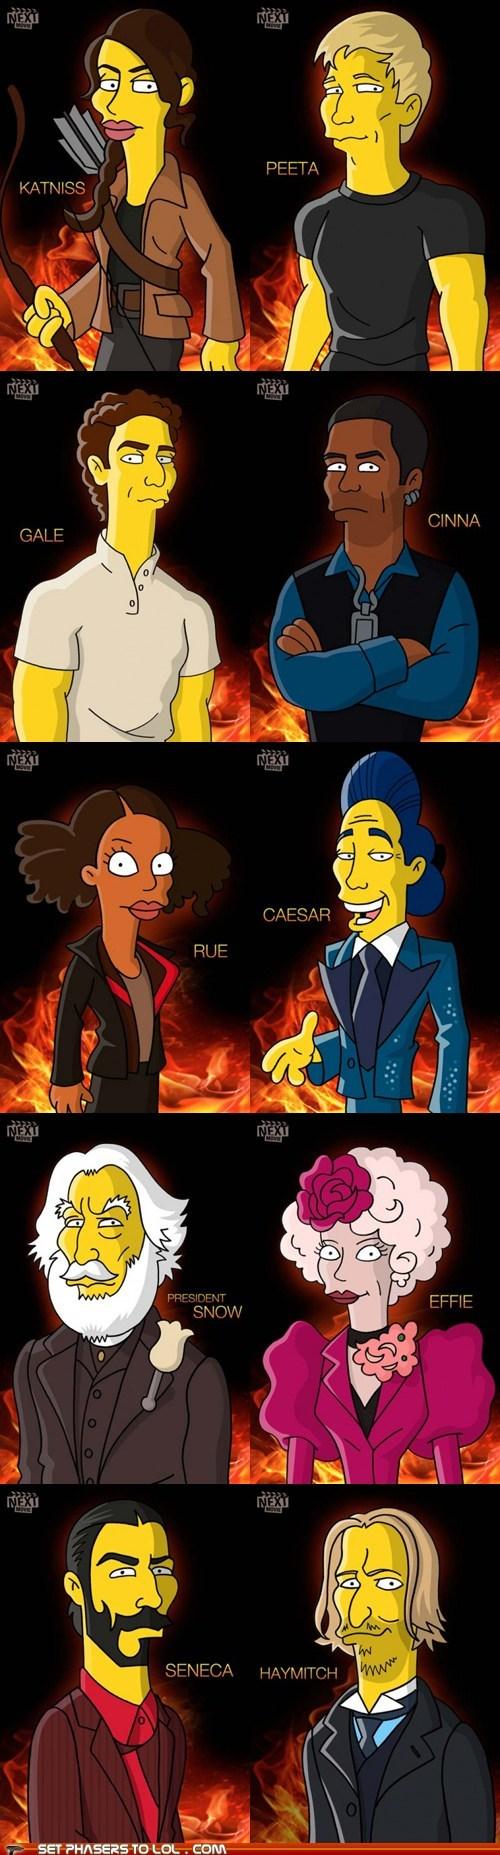 cartoons characters cinna effie trinket gale hunger games katniss Movie peeta president snow rue simpsons - 6004613376